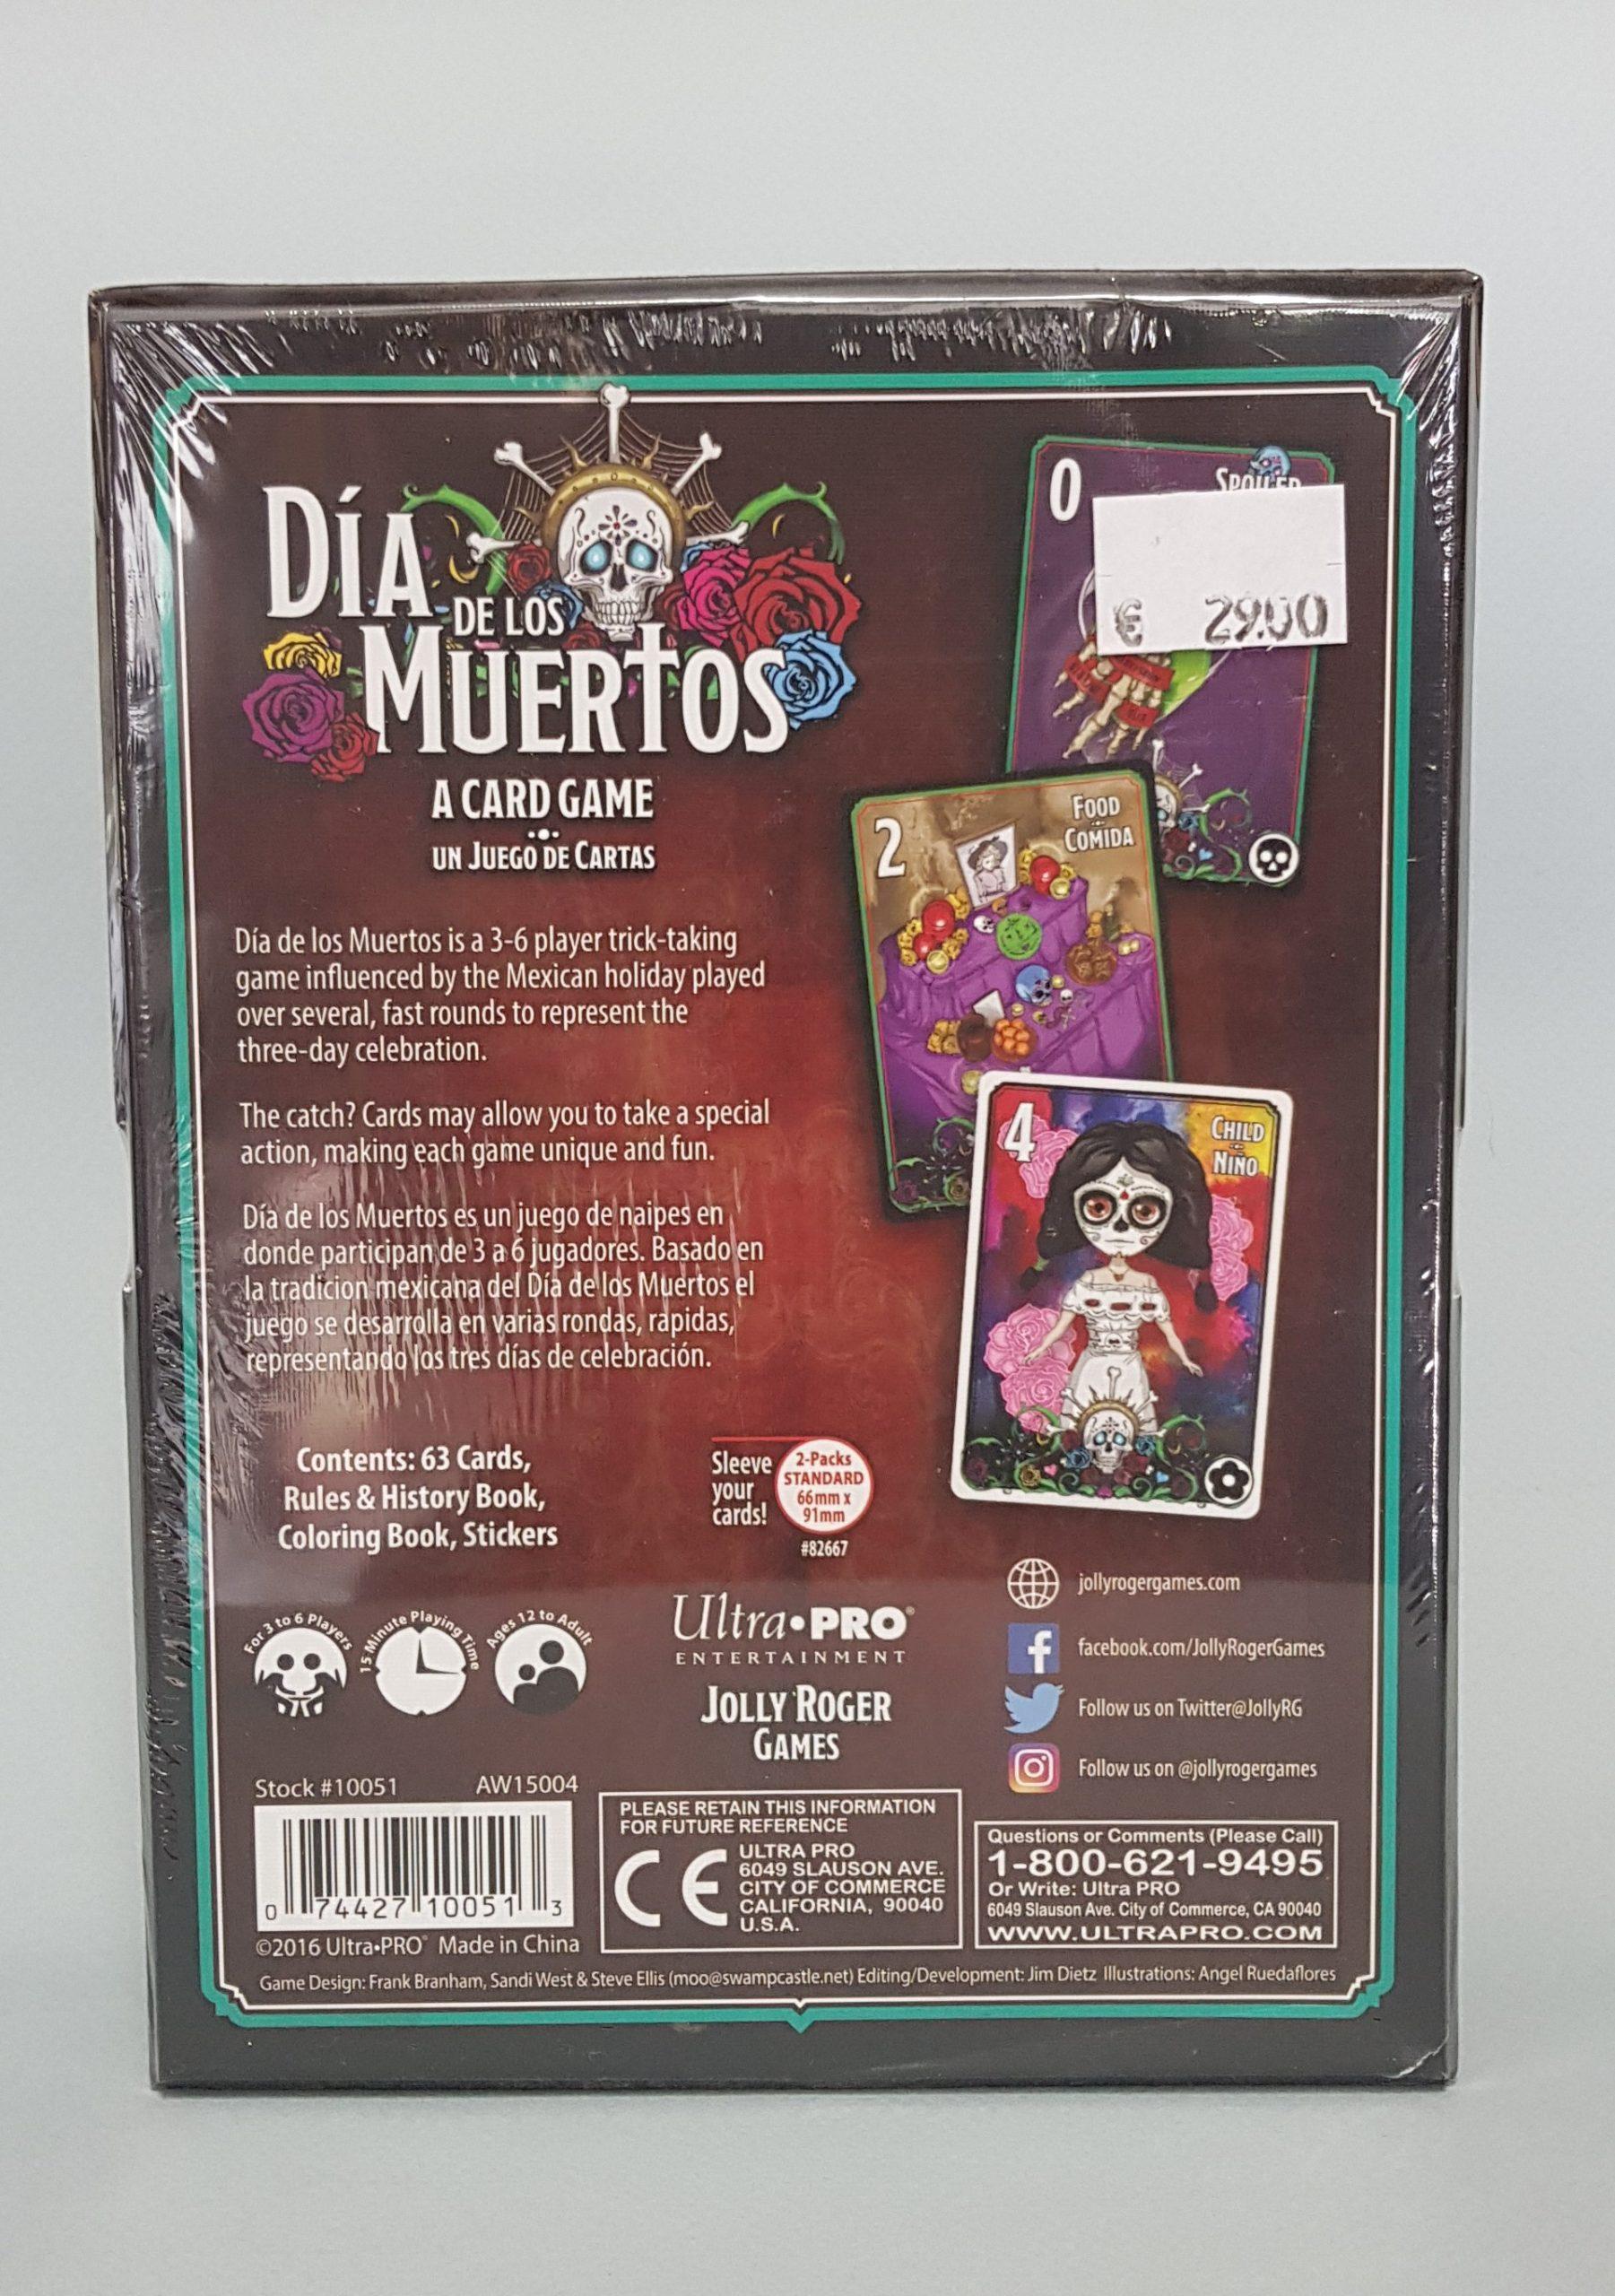 DIA DE LOS MUERTOS Card Game